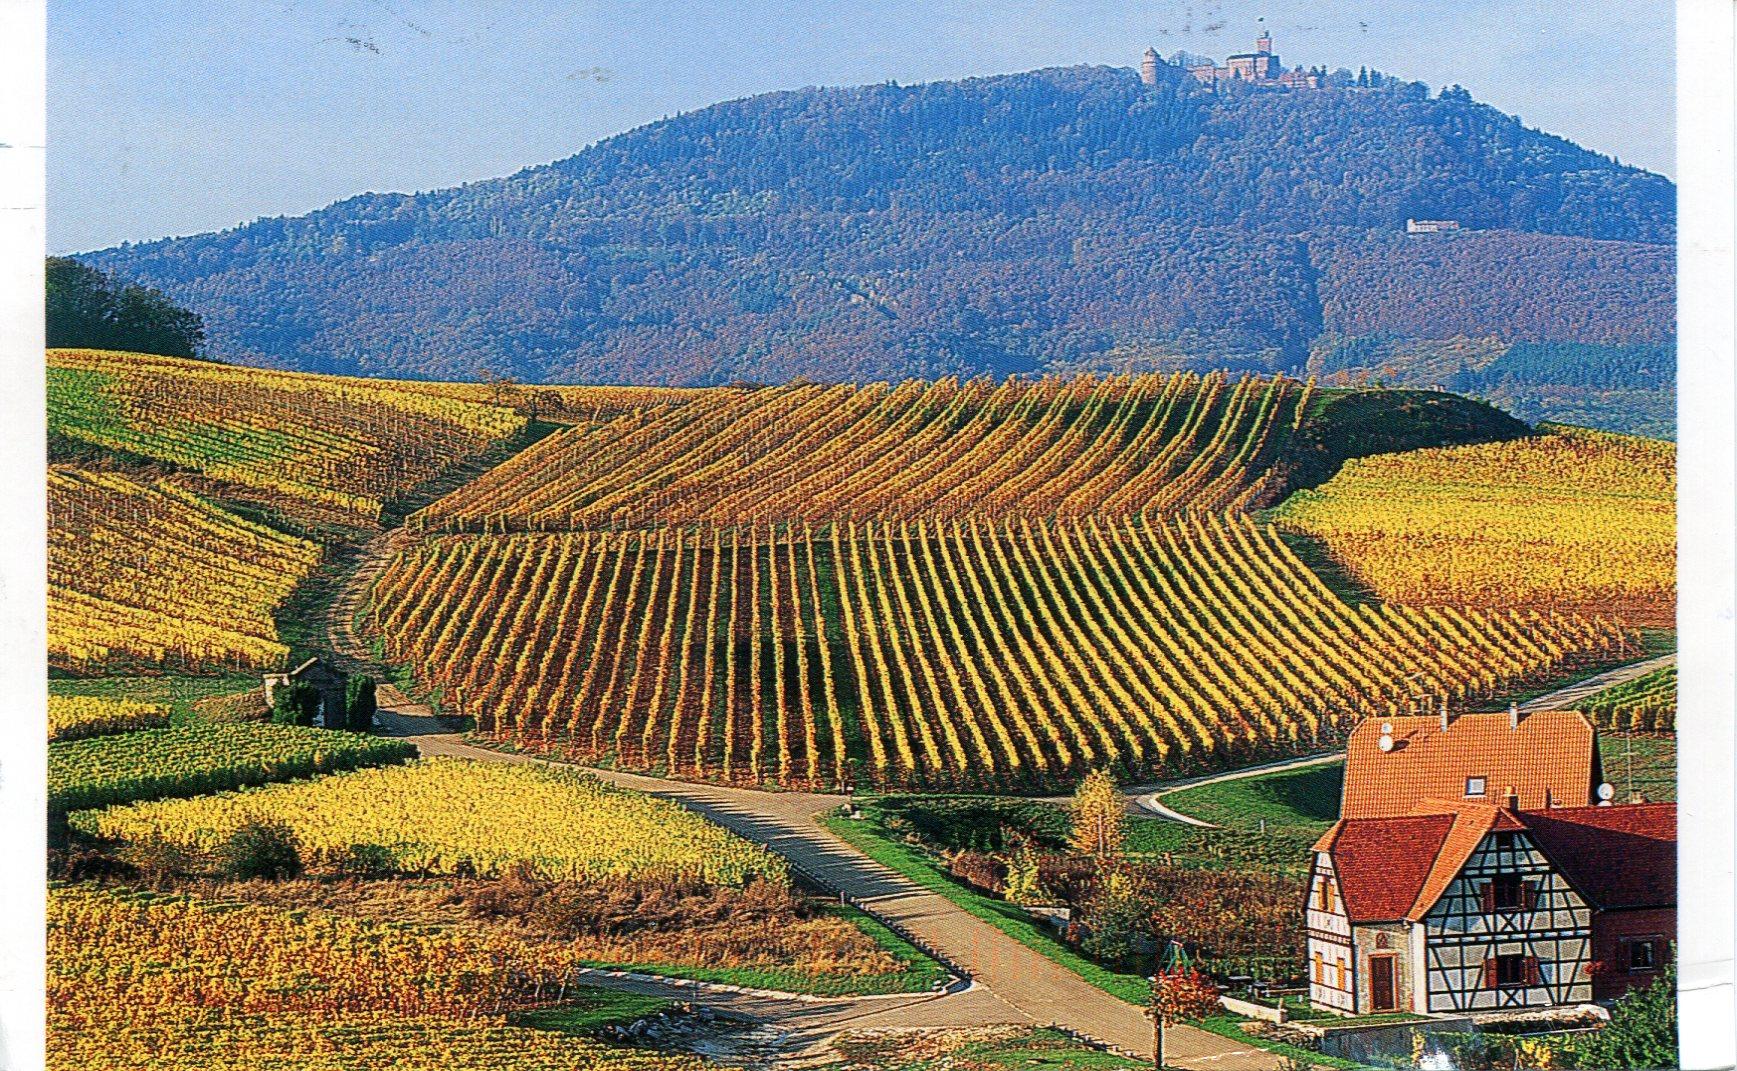 alsace france vineyard images